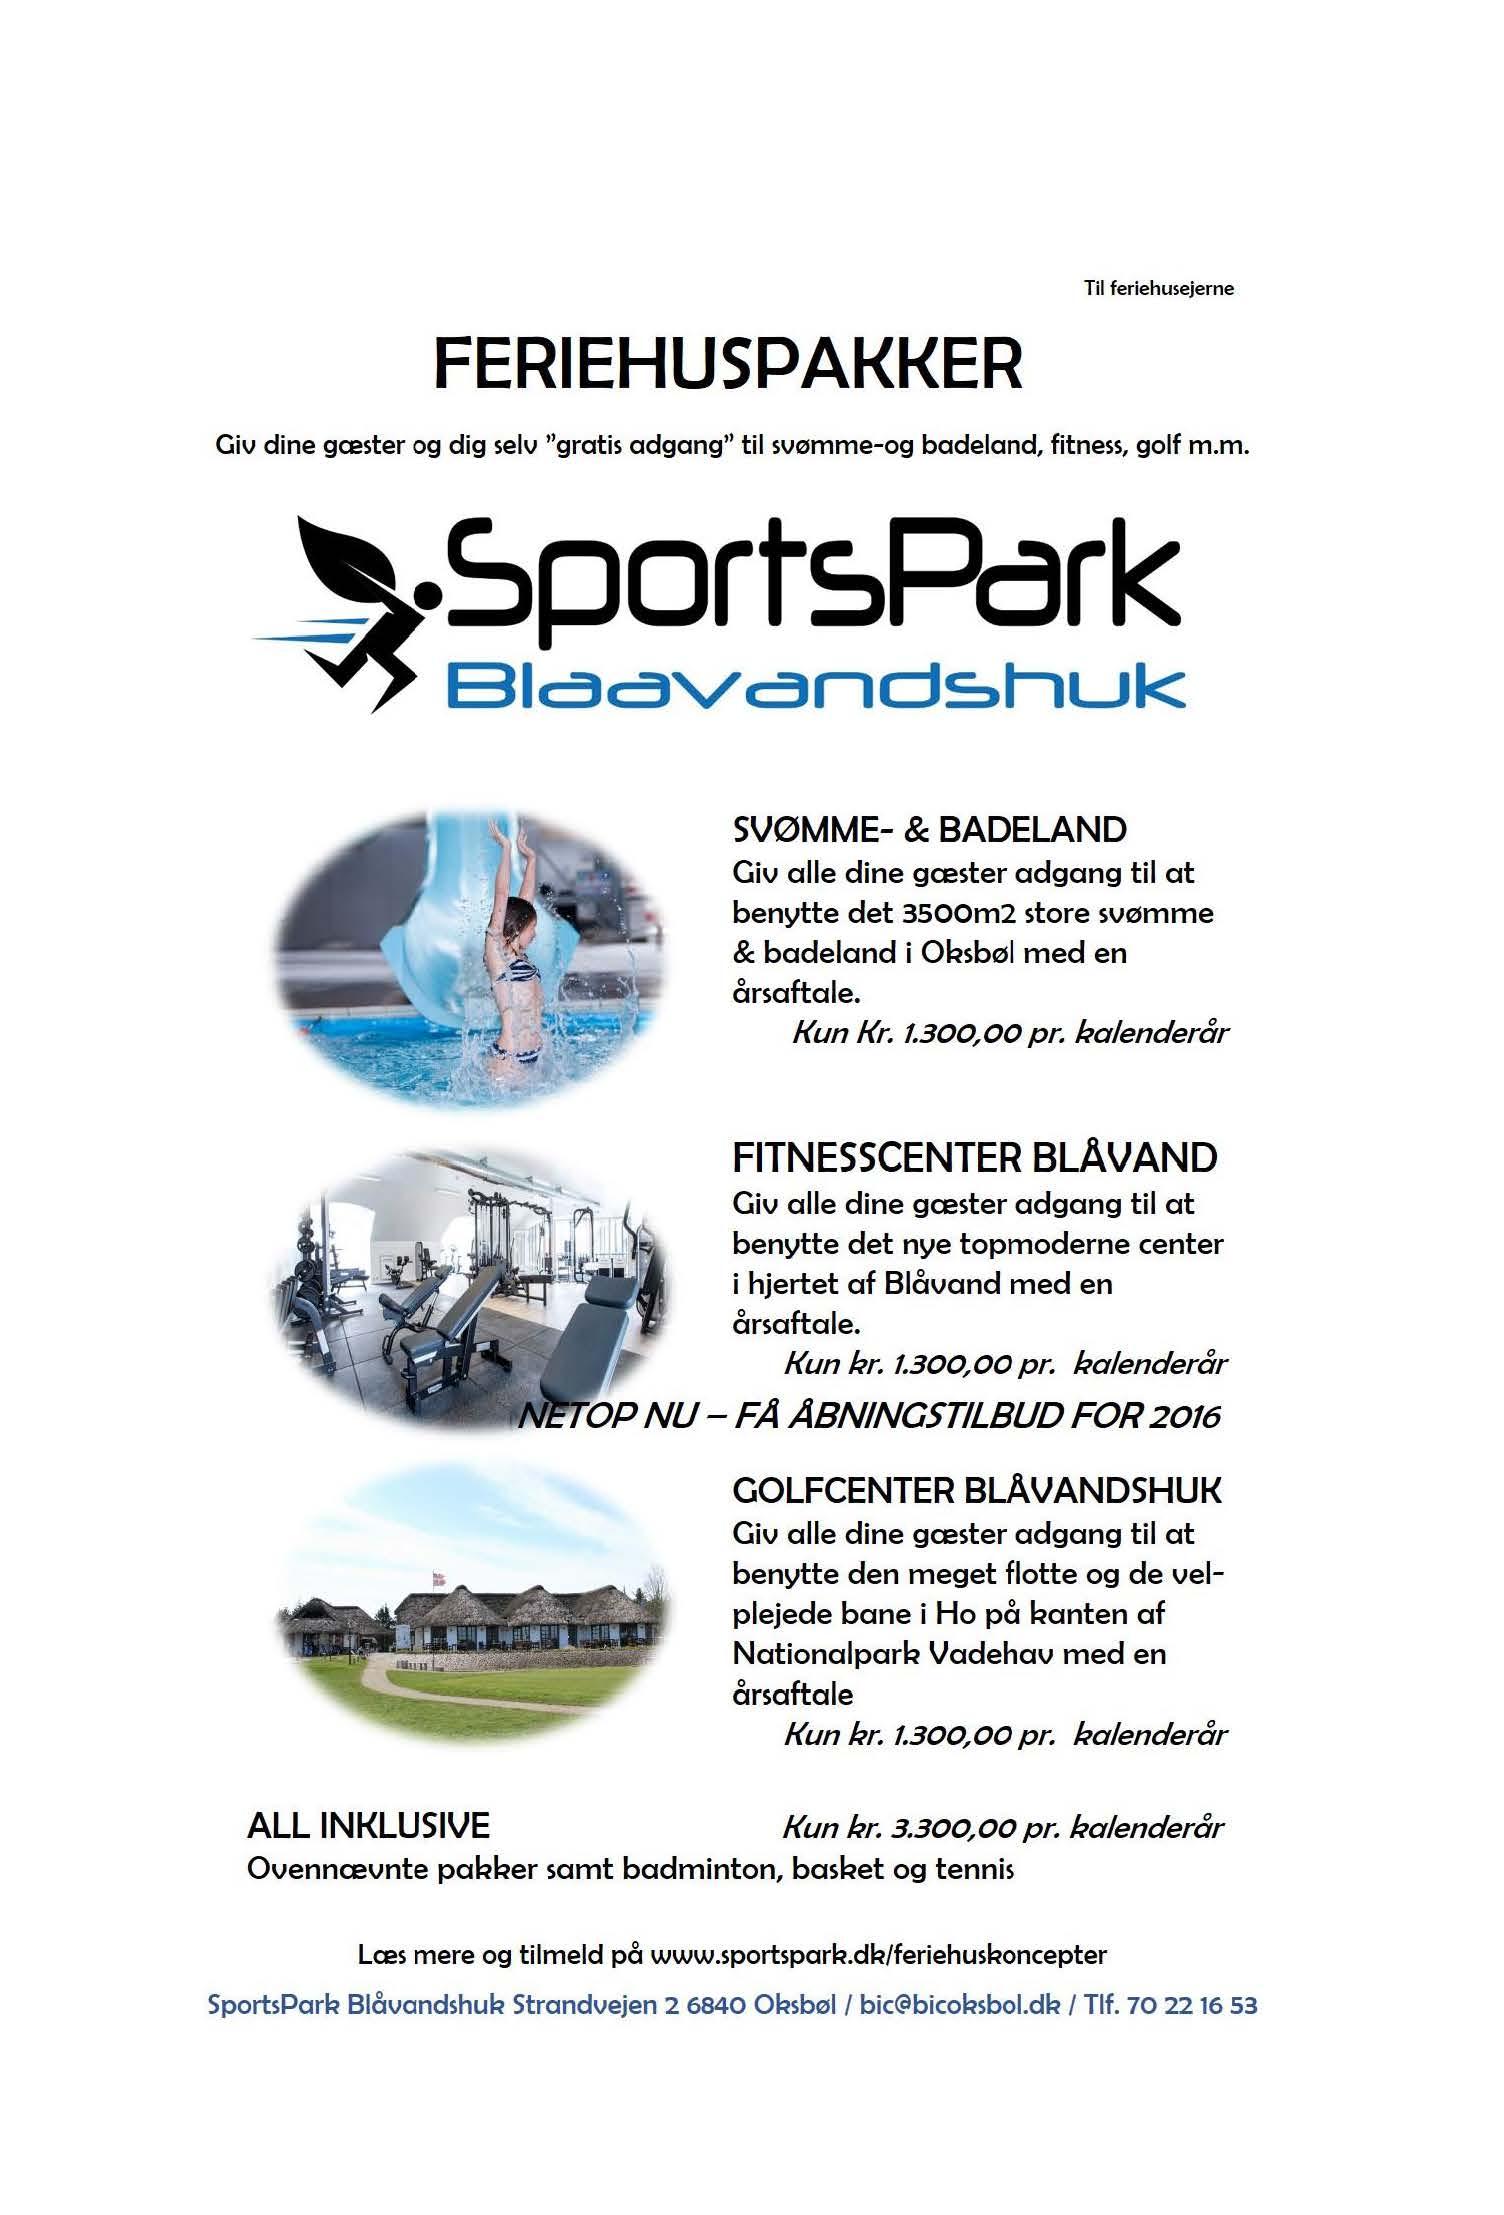 feriepakker-pdf-2